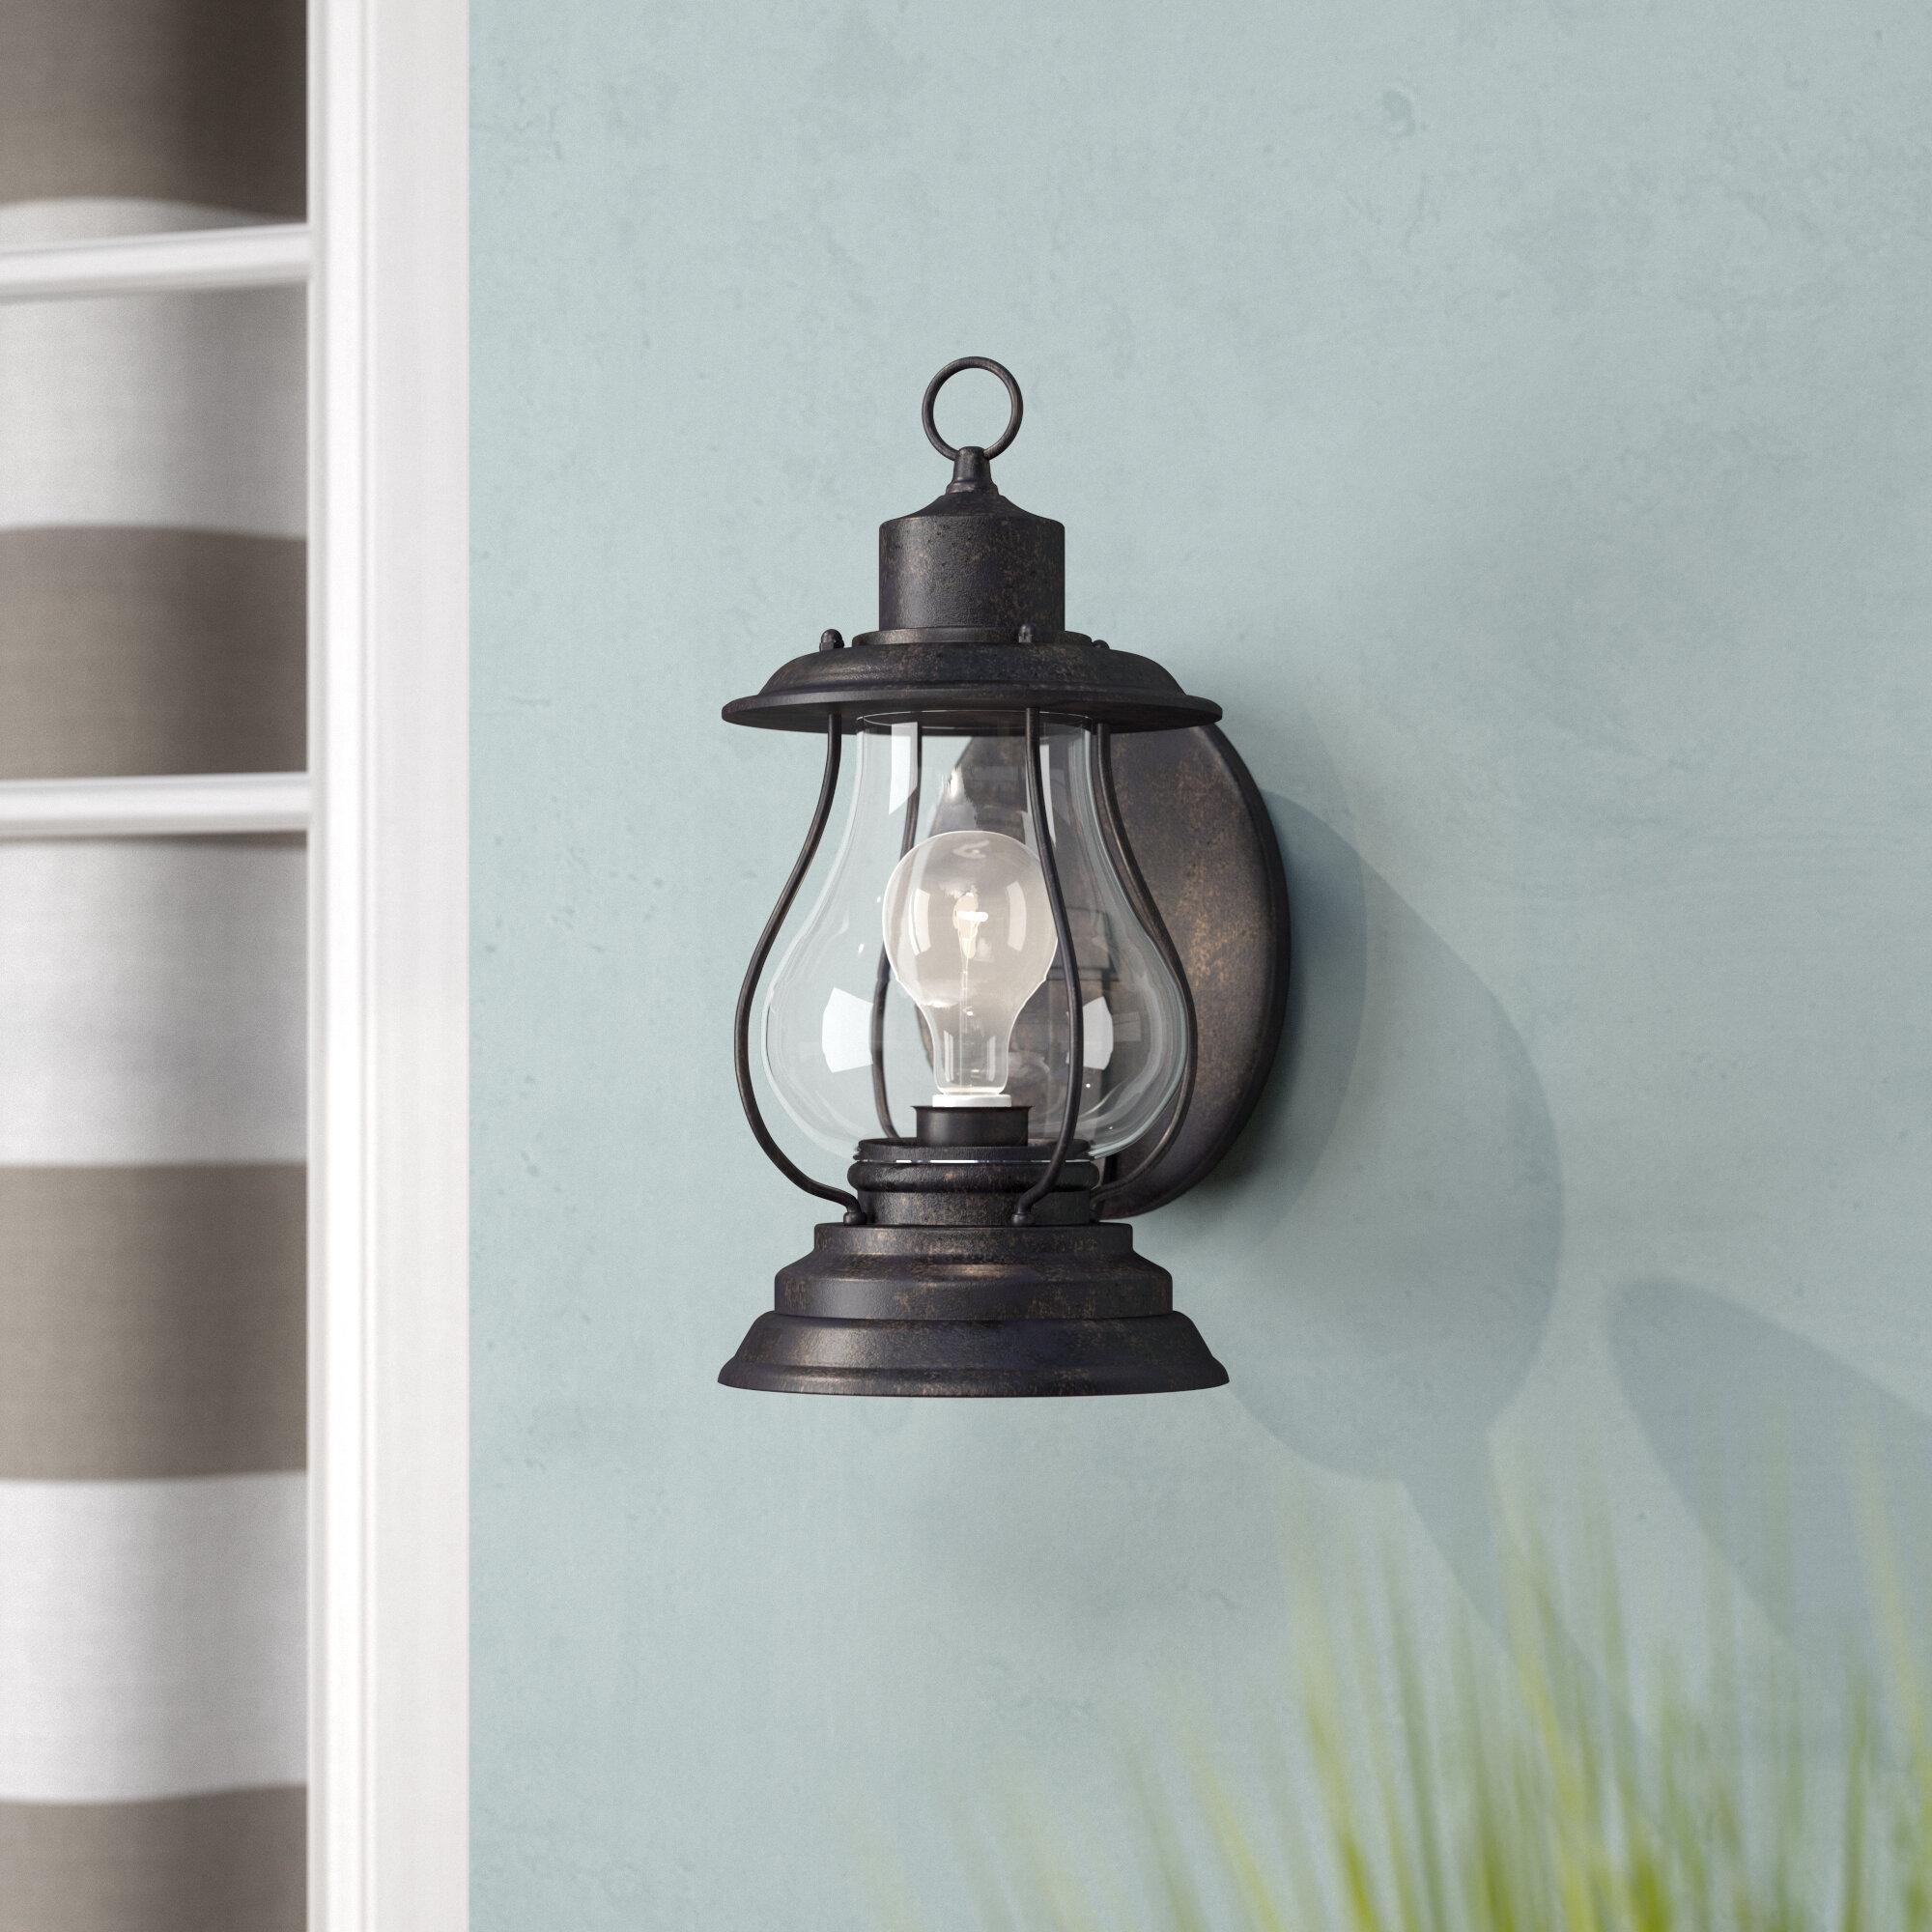 Beachcrest Home Carina 1-Light Outdoor Wall Lantern & Reviews   Wayfair